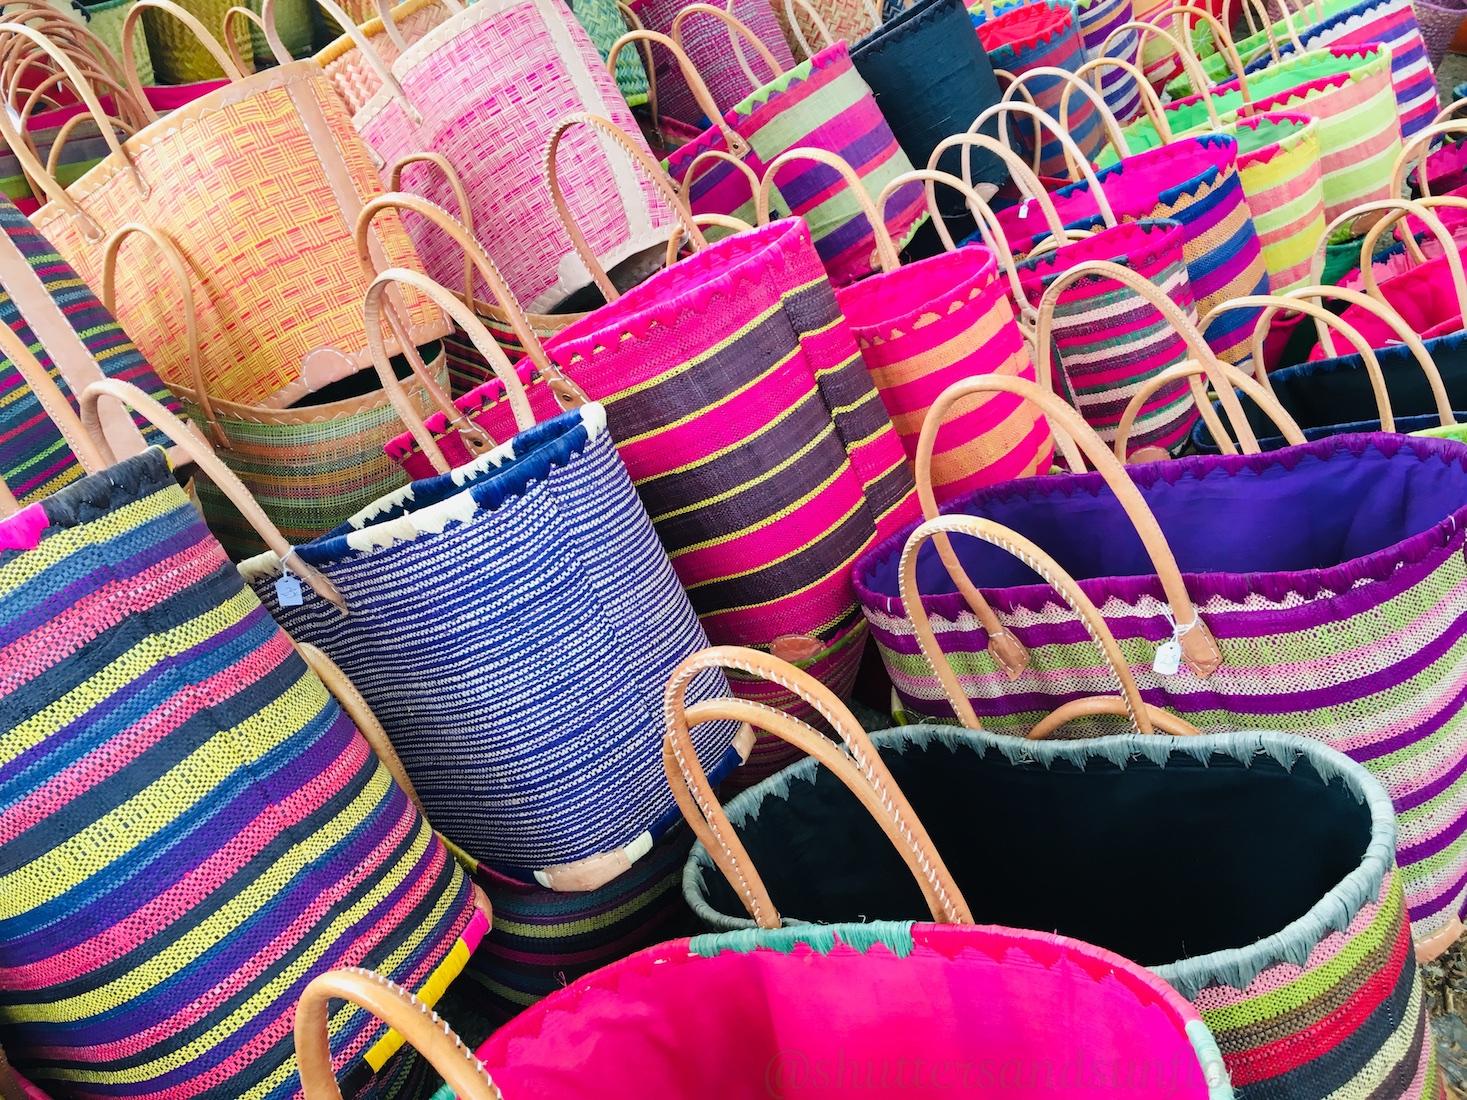 Baskets in the Lourmarin market, Lourmarin,